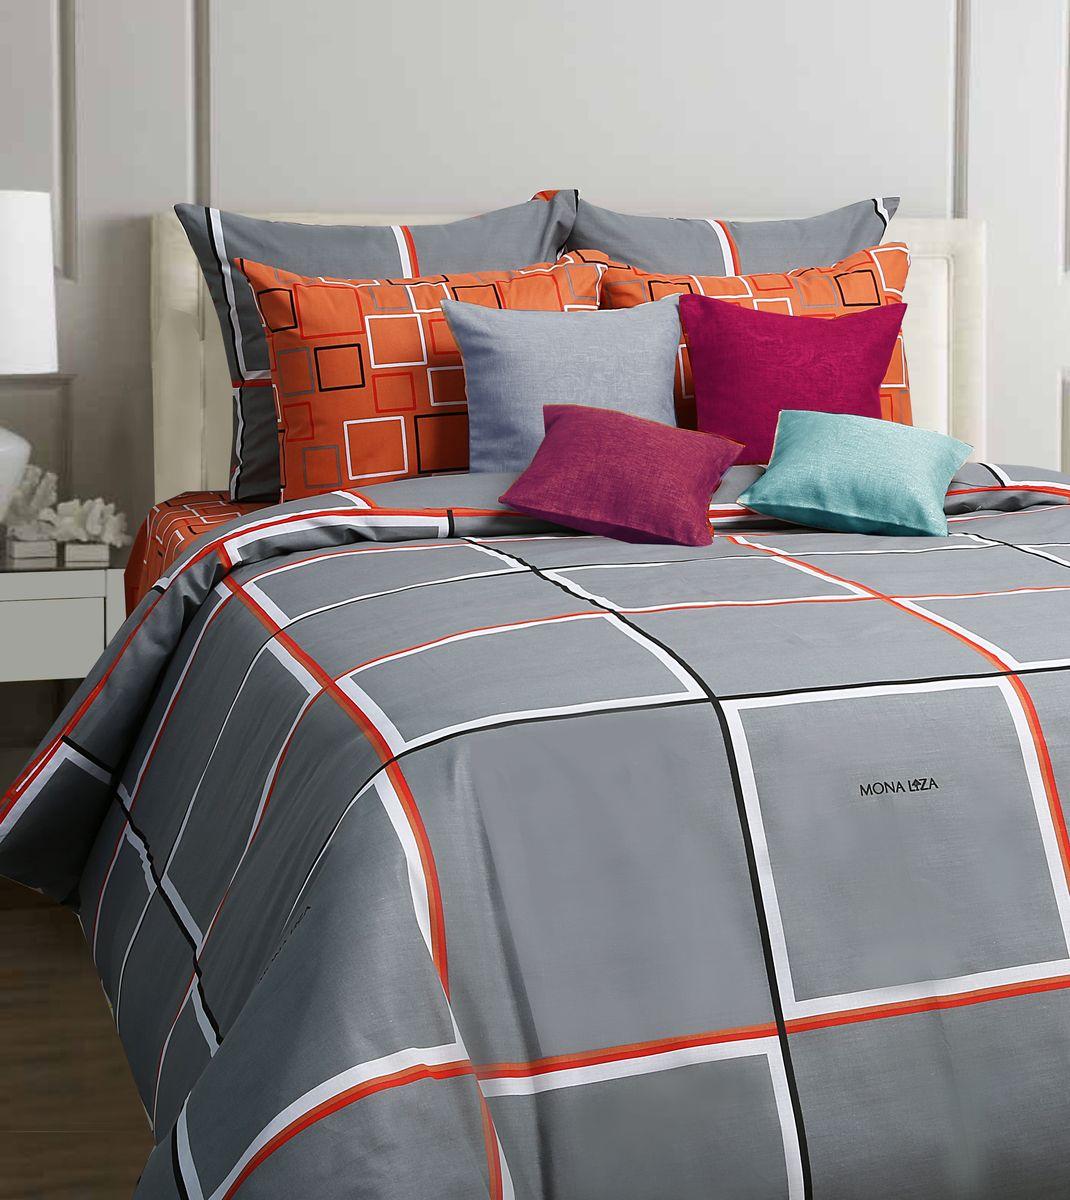 Комплект белья Mona Liza Jack, 1,5-спальное, наволочки 50x70, цвет: серый551116/07Коллекция постельного белья MONA LIZA Classic поражает многообразием дизайнов. Среди них легко подобрать необходимый рисунок, который создаст в доме уют. Комплекты выполнены из бязи 100 % хлопка.